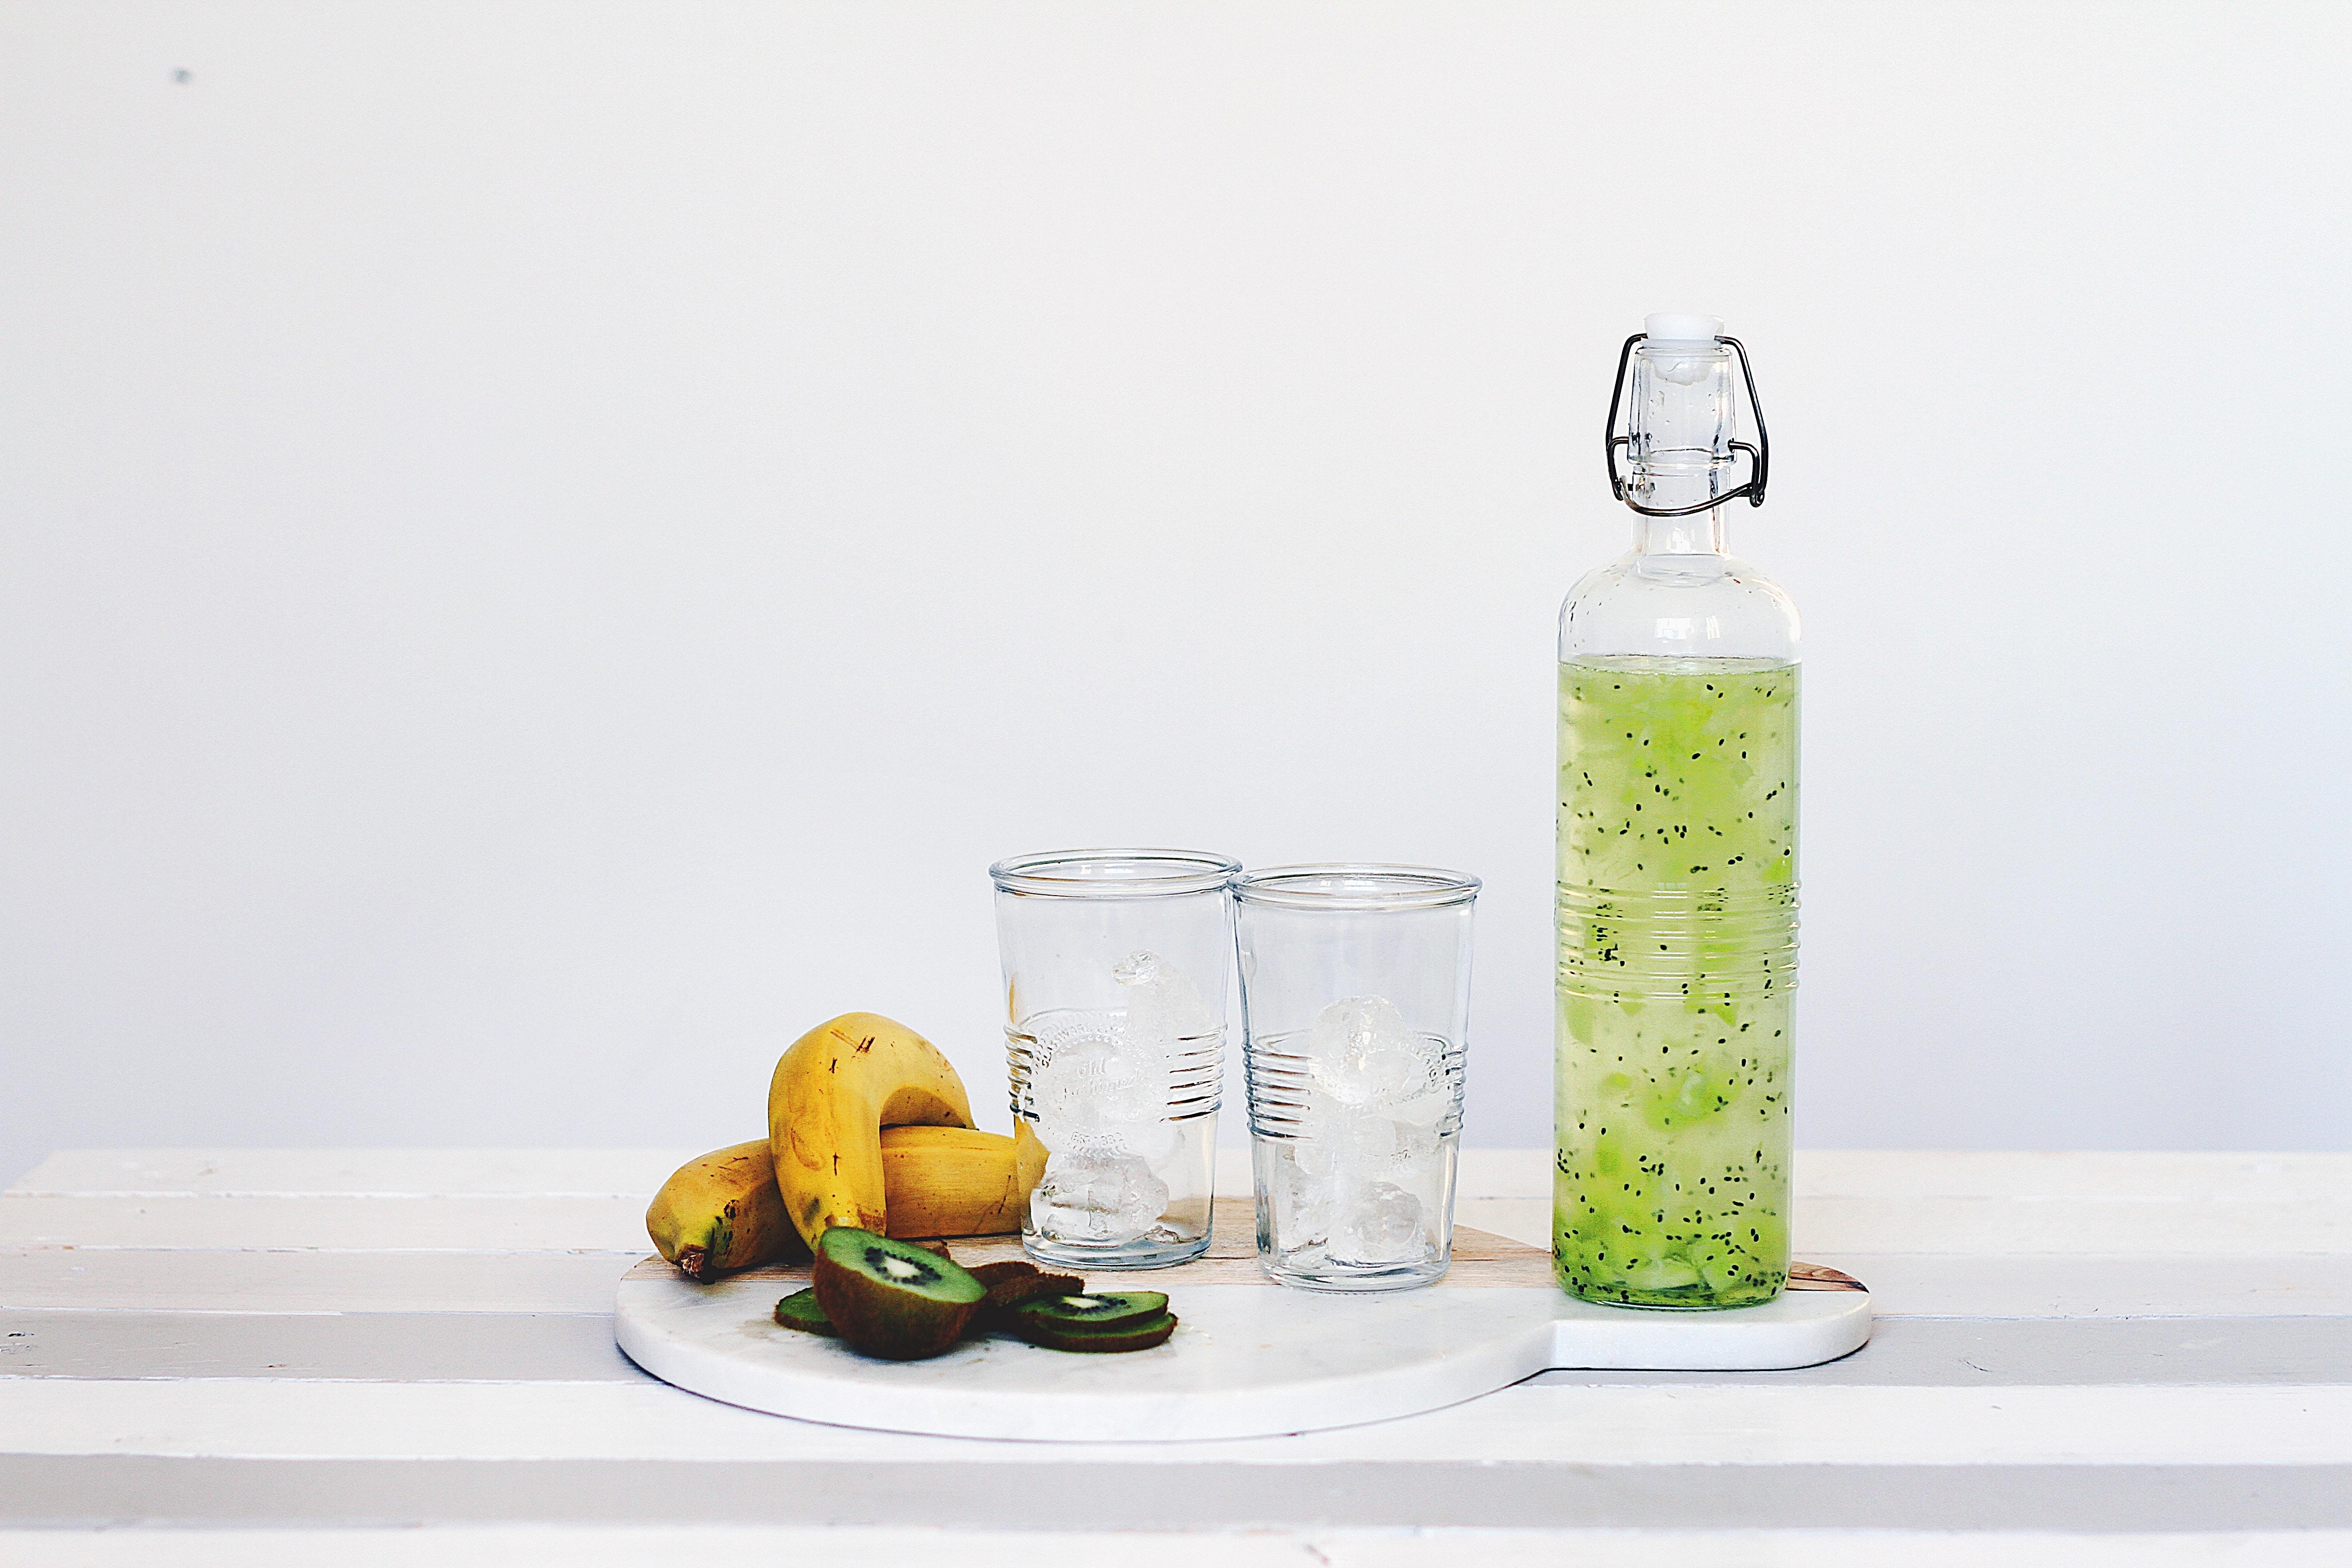 Leitungswasser trinken ist nachhaltiger als Wasser aus Plastikflaschen.